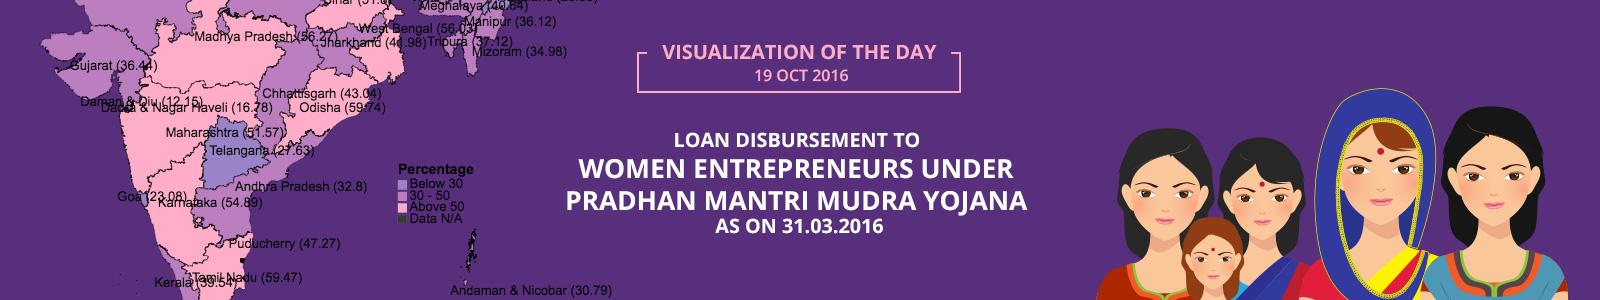 VOD-Banner-19oct2016